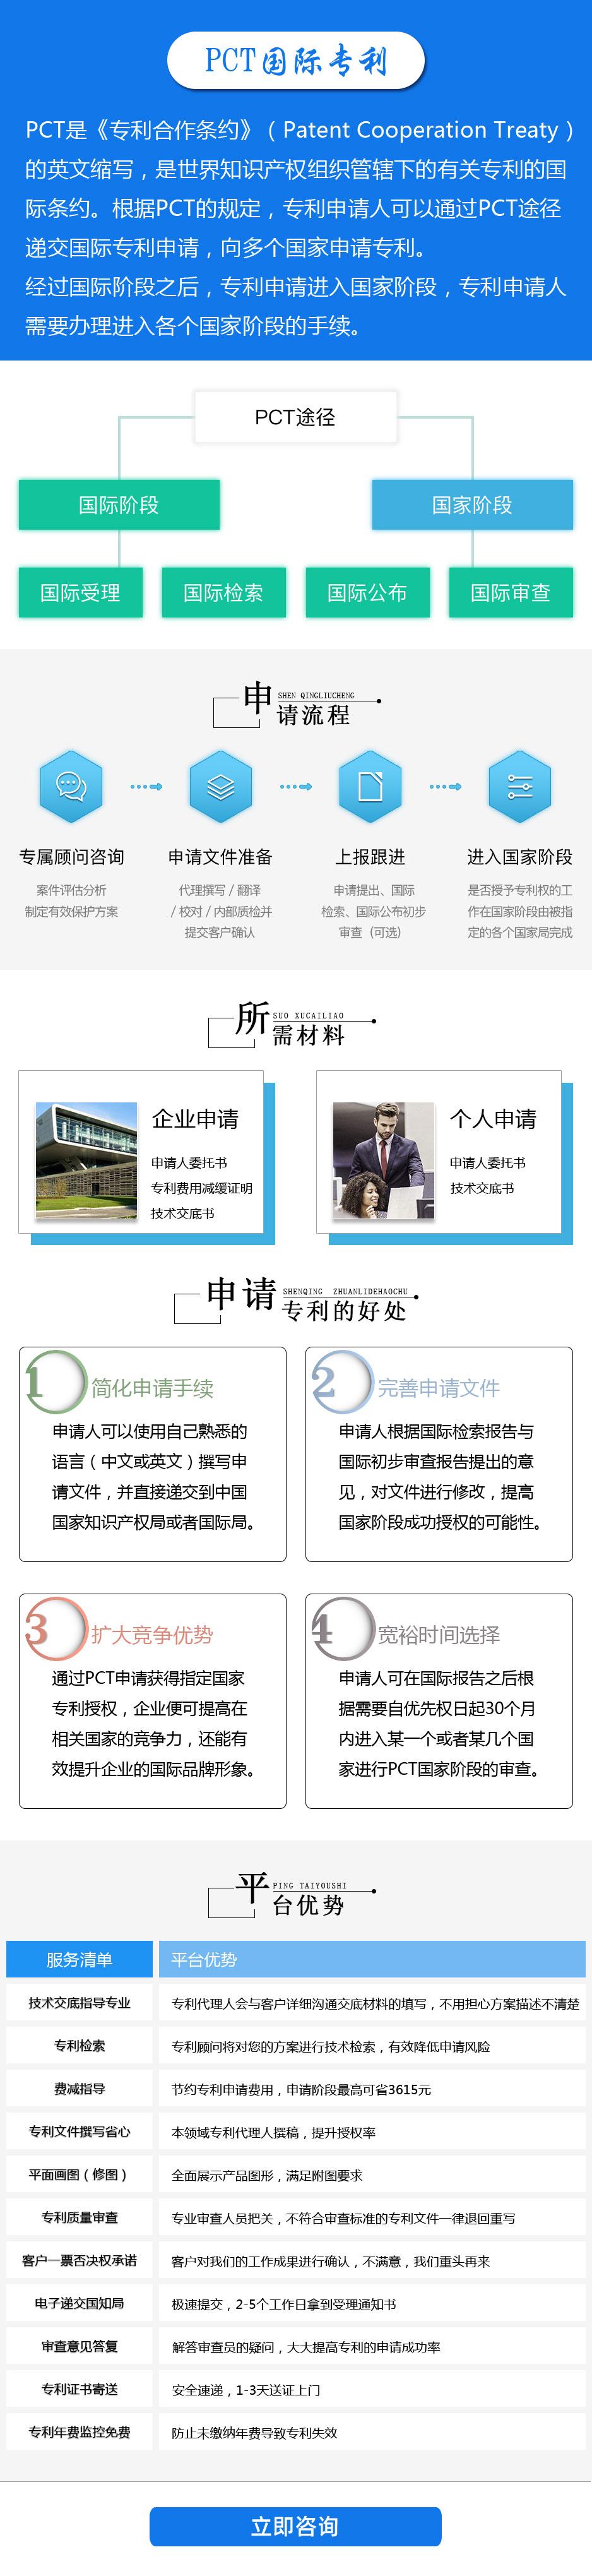 PCT国际专利详情页.jpg